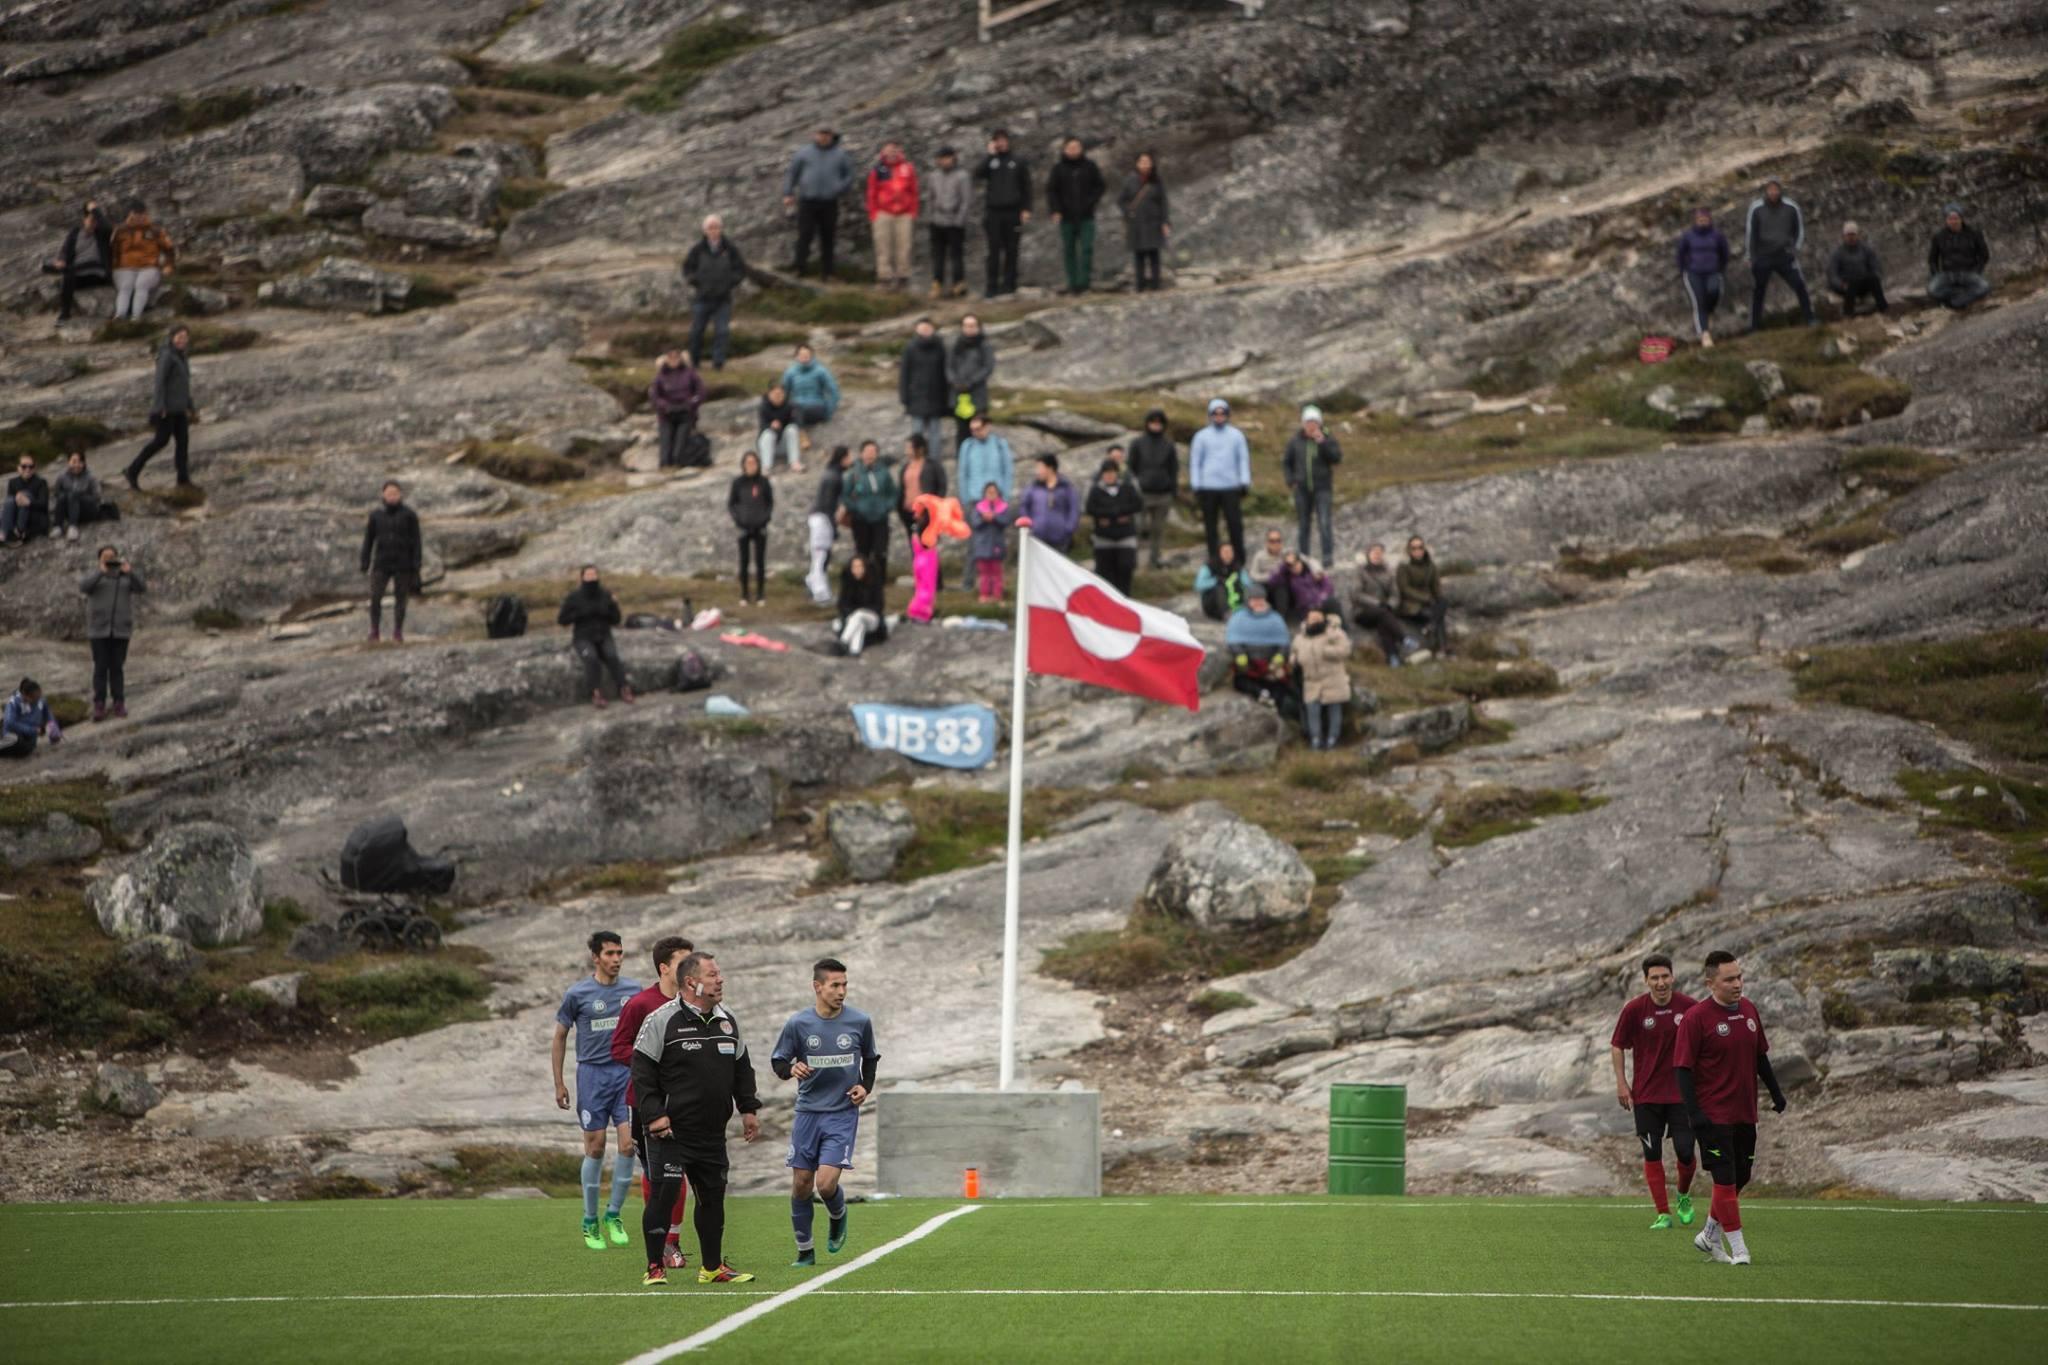 Самое короткое футбольное соревнование в мире: в Гренландии сезон длится одну неделю (+Фото, Видео) - изображение 26